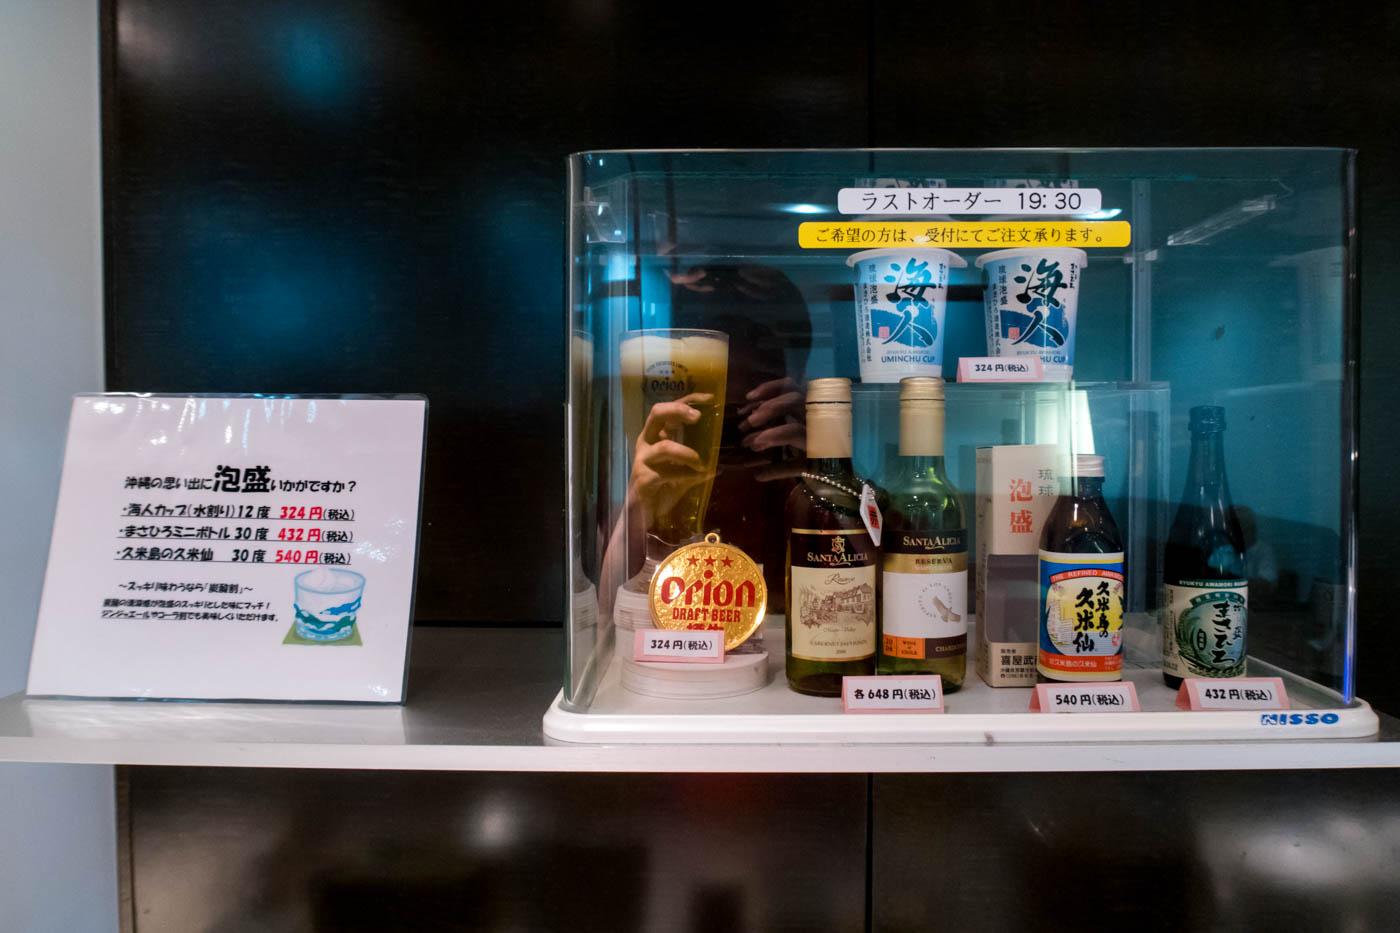 Lounge Hana Okinawa Alcoholic Drinks